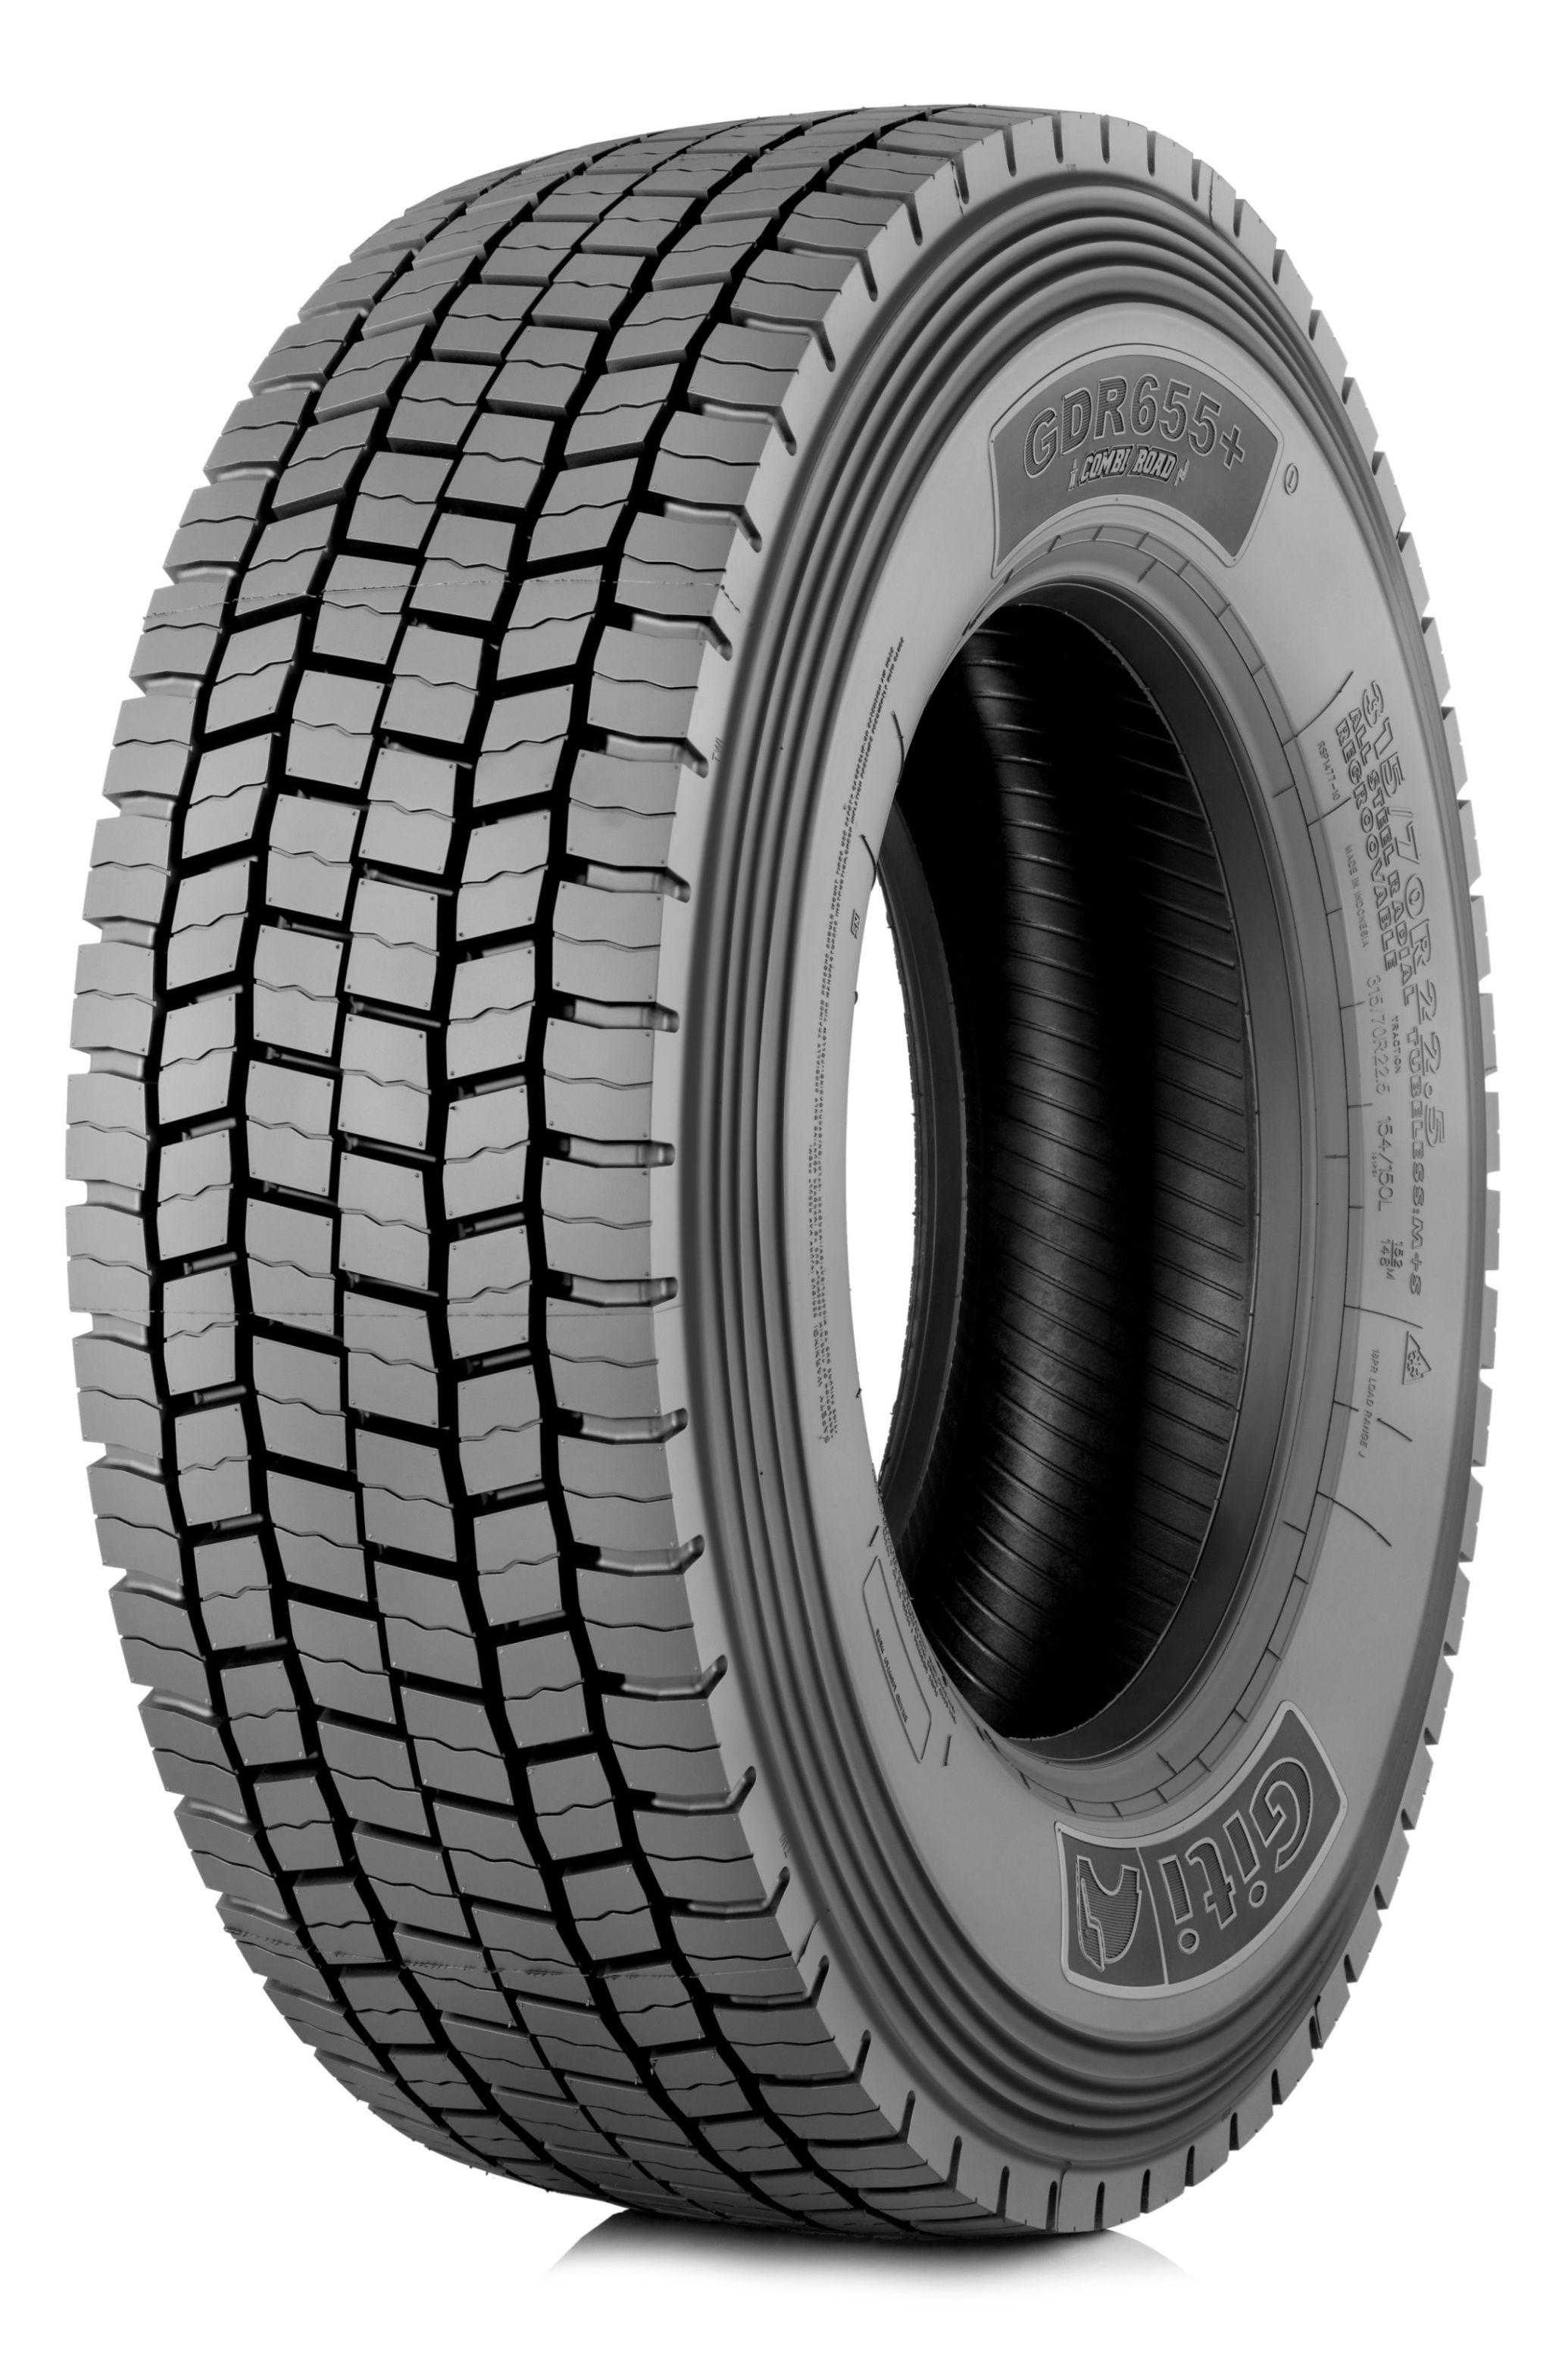 Foto de Neumático Giti GDR655+ Combi Road